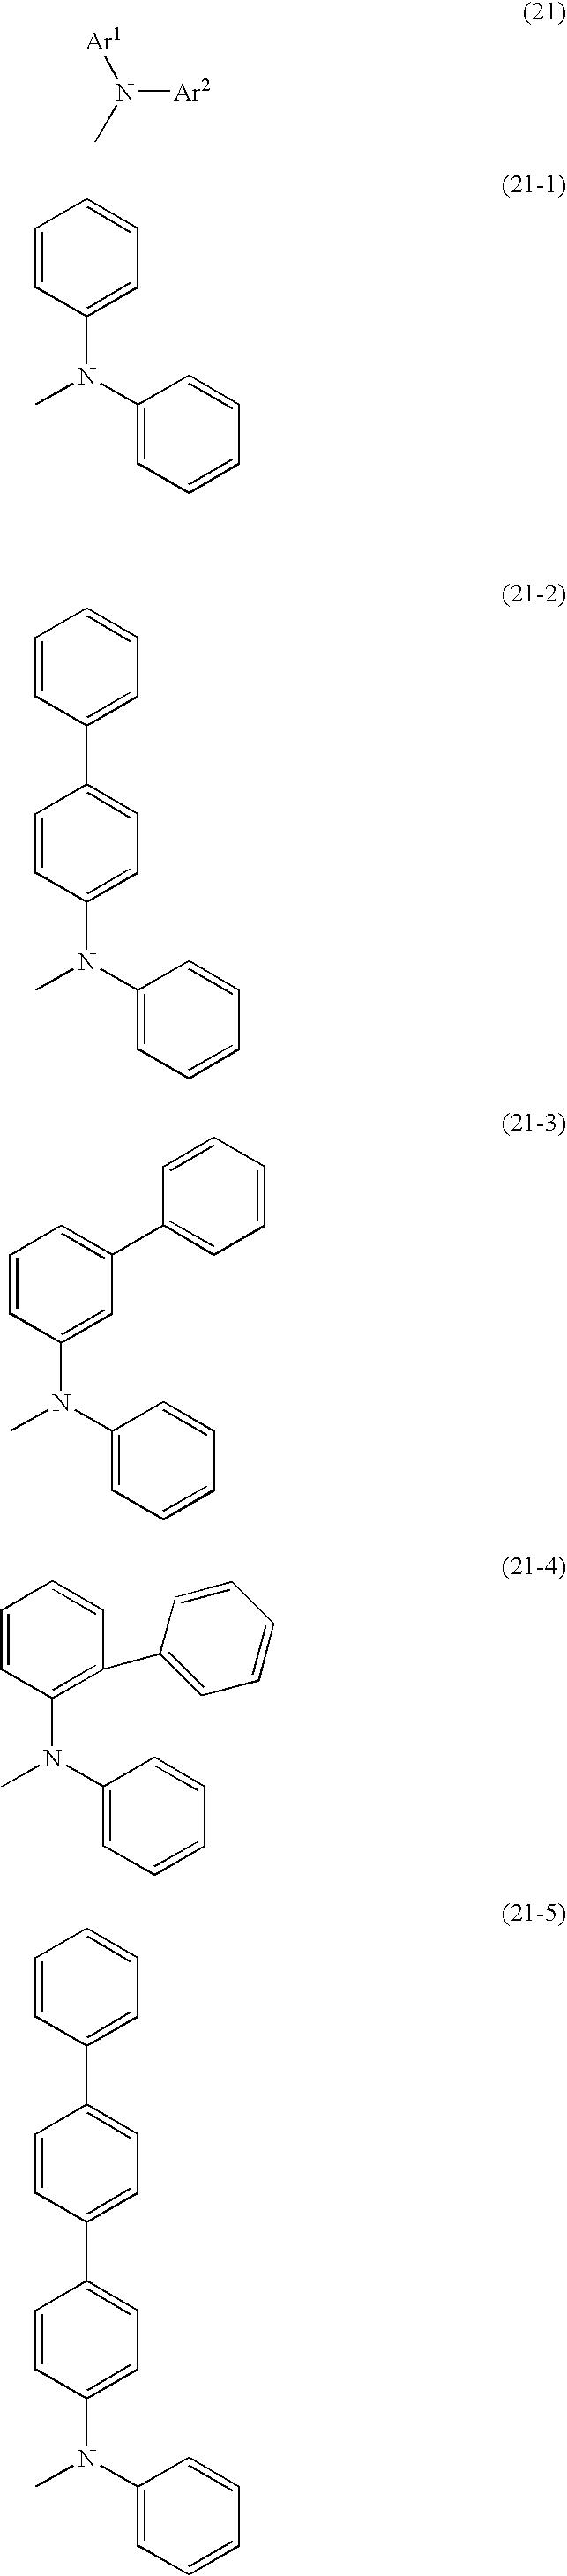 Figure US08178216-20120515-C00017